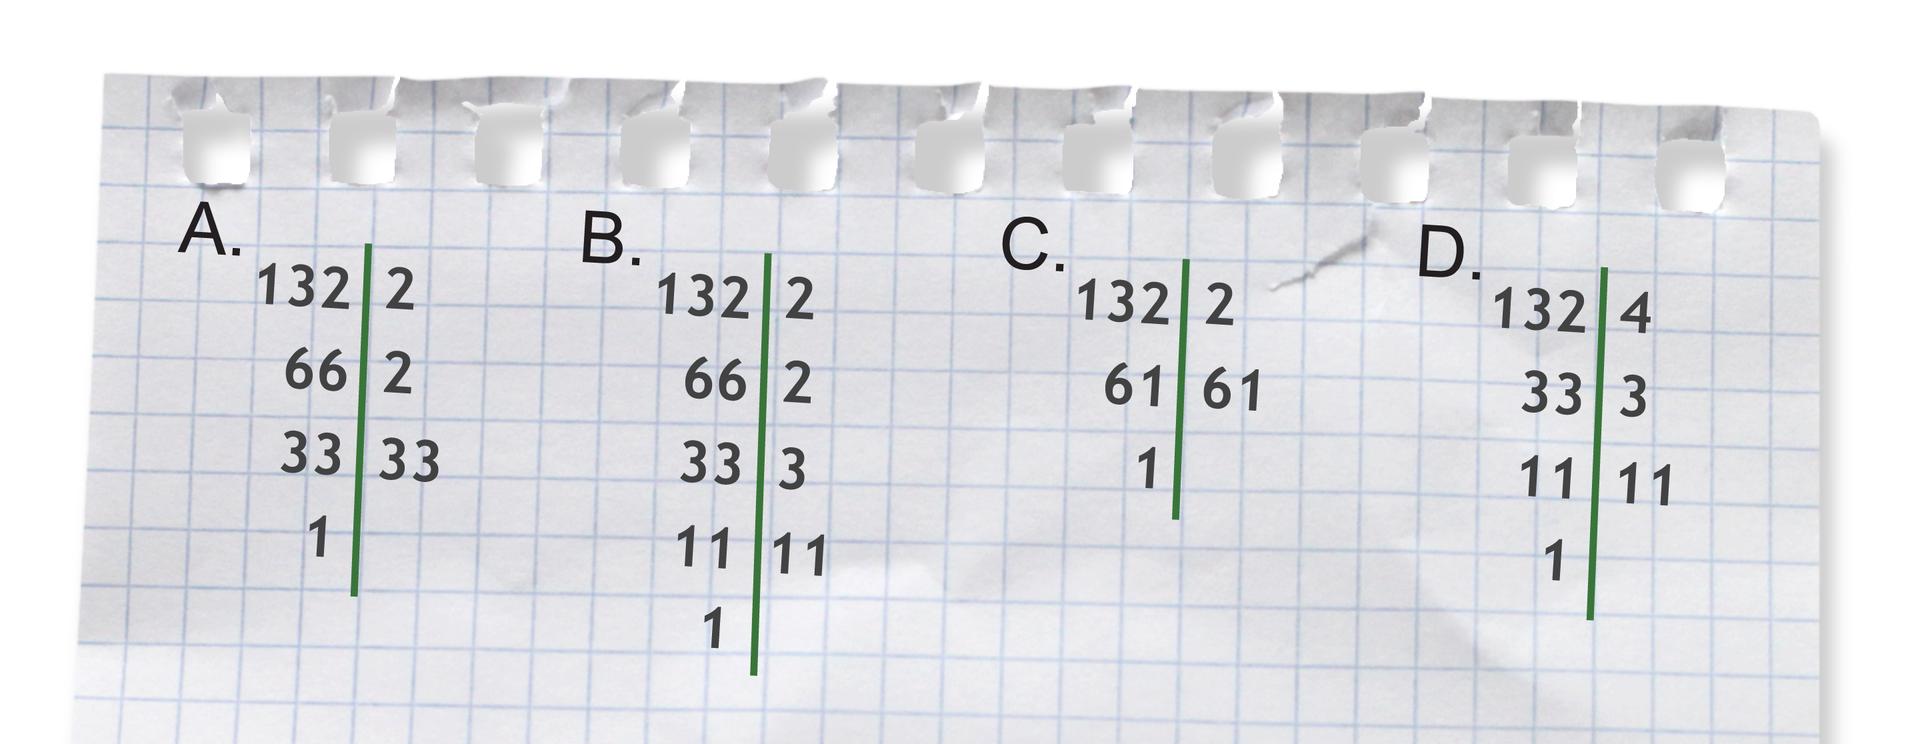 Przykłady rozłożenia liczby 12 na czynniki. Wpierwszym po lewej stronie kreski liczby: 132, 66, 33, 1. Po prawej stronie kreski liczby: 2, 2, 33. Wdrugim po lewej stronie kreski podane liczby: 132, 66, 33, 11, 1. Po prawej stronie kreski podane liczby: 2, 2, 3, 11. Wtrzecim po lewej stronie kreski podane liczby: 132, 61, 1. Po prawej stronie kreski podane liczby: 2, 61. Wczwartym olewej stronie kreski podane liczby: 132, 33, 11, 1. Po prawej stronie kreski podane liczby: 4, 3, 11.